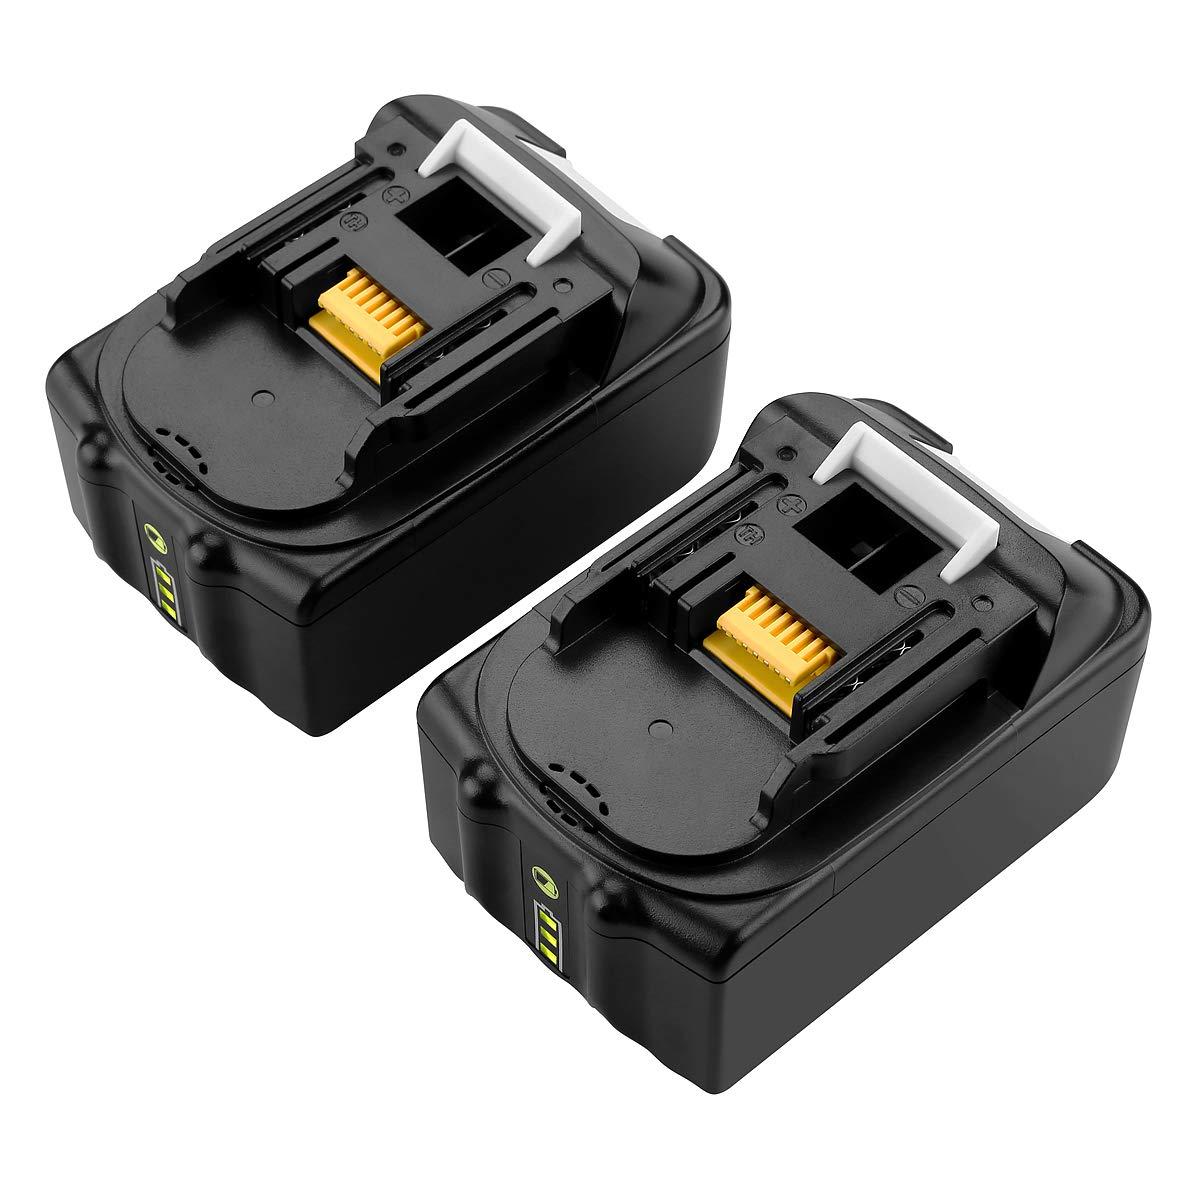 Li-Ion Austausch AKKU 800mAh 7,4V für Gardena C 1060 ersetzt 018660060002